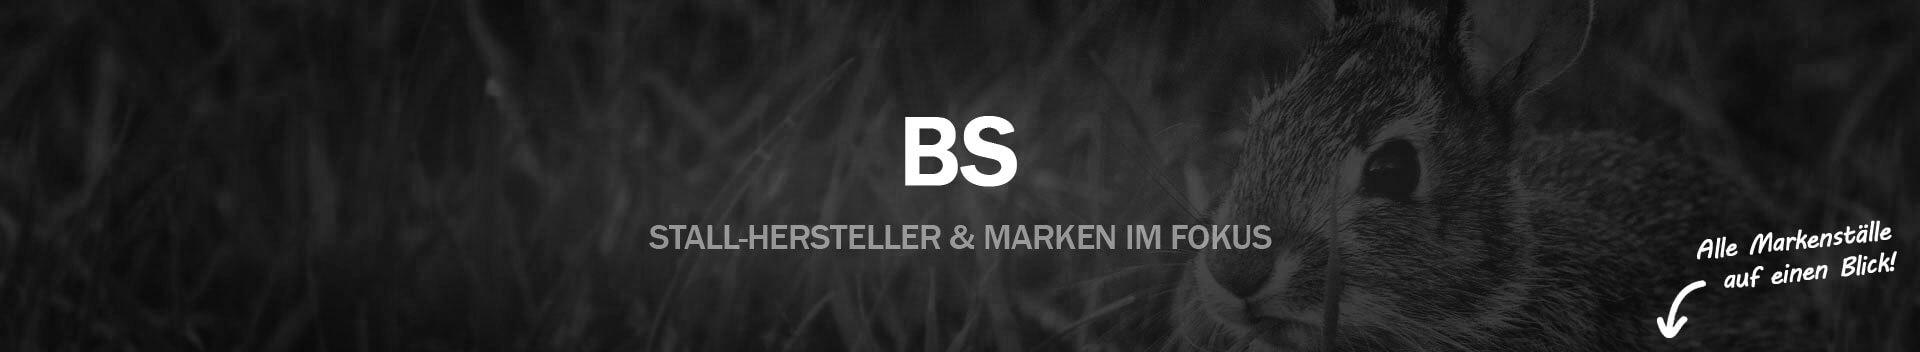 bs-kaninchenstall-hersteller